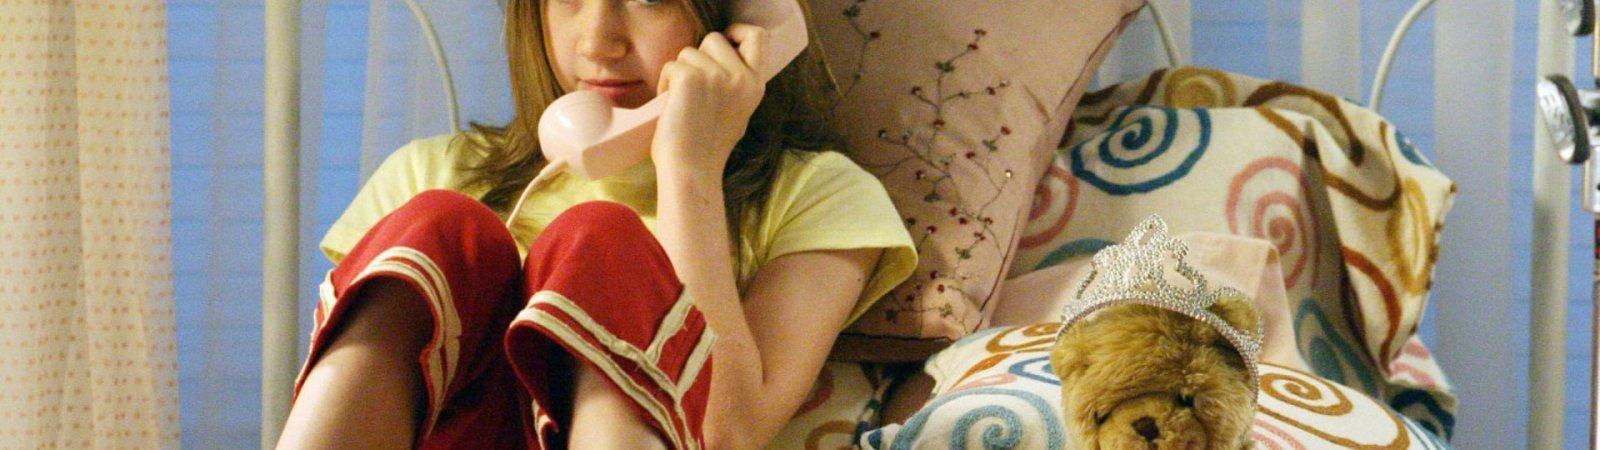 Photo dernier film  Erin Norris